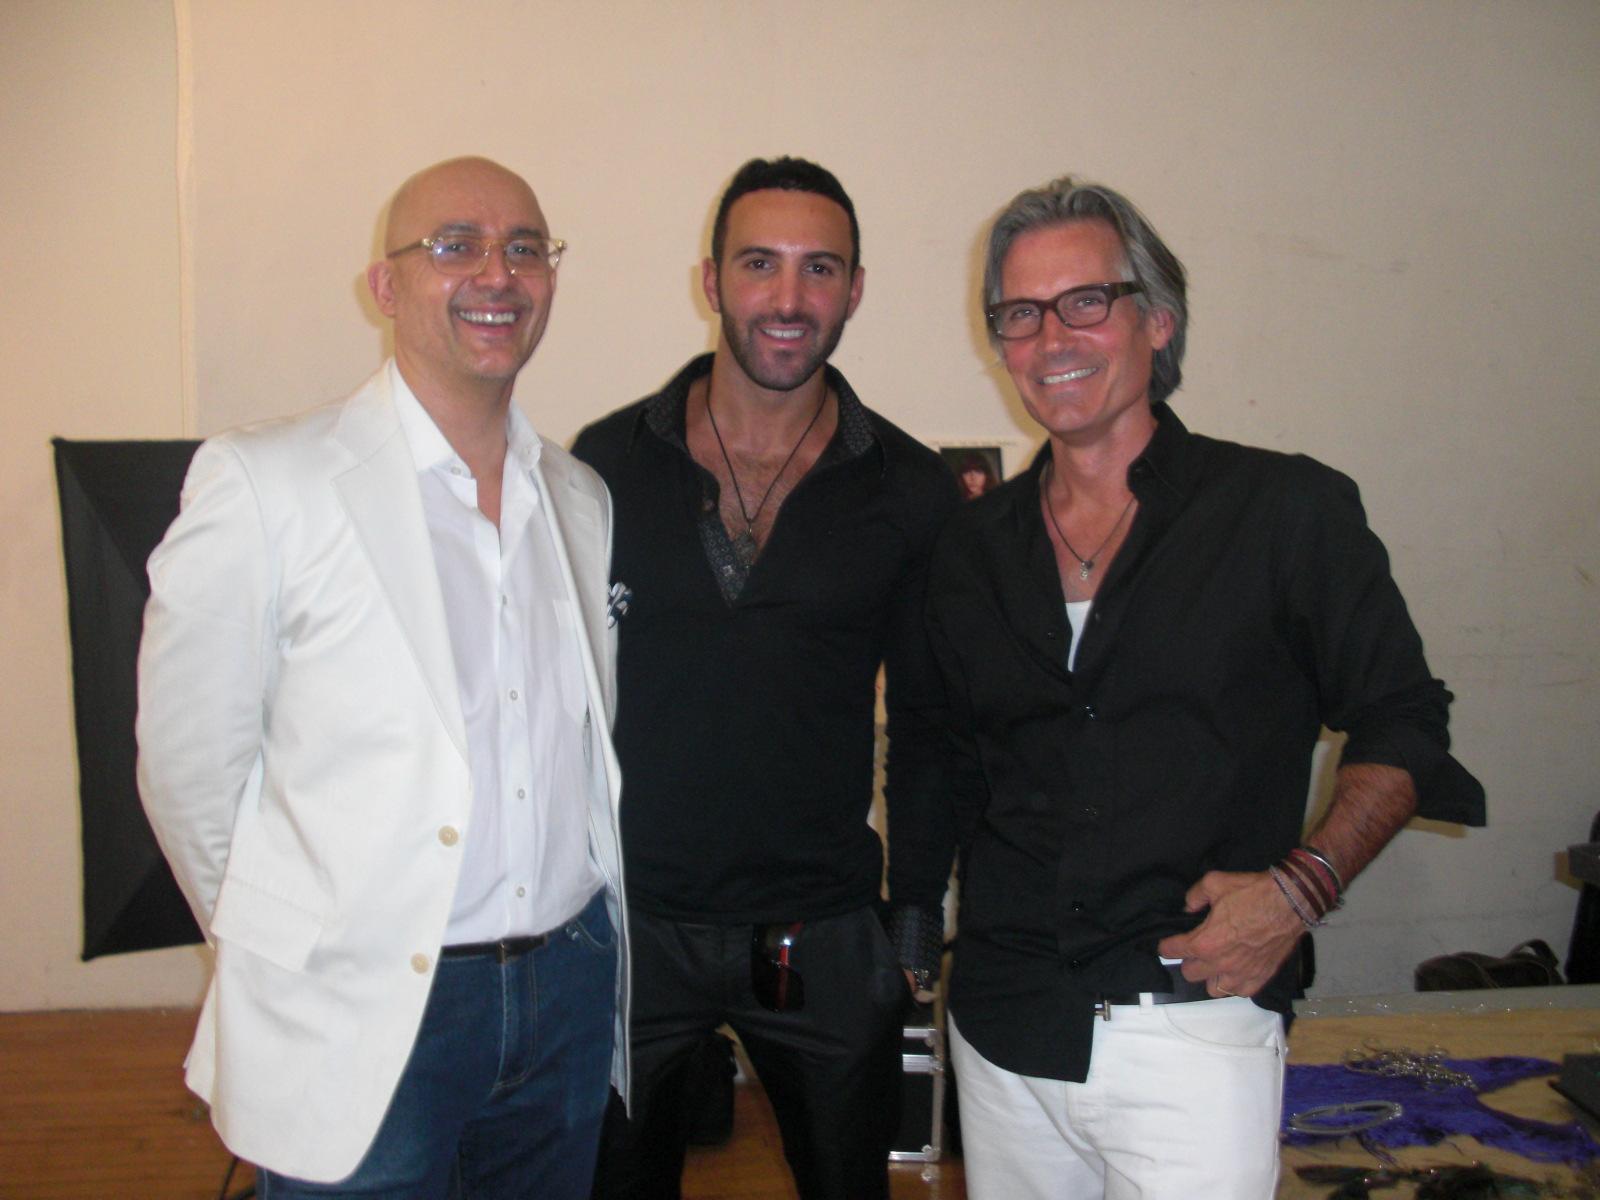 Co-owners Damian Santiago and Vaughn Acord flank Creative Color Director Dimitrios Tsioumas